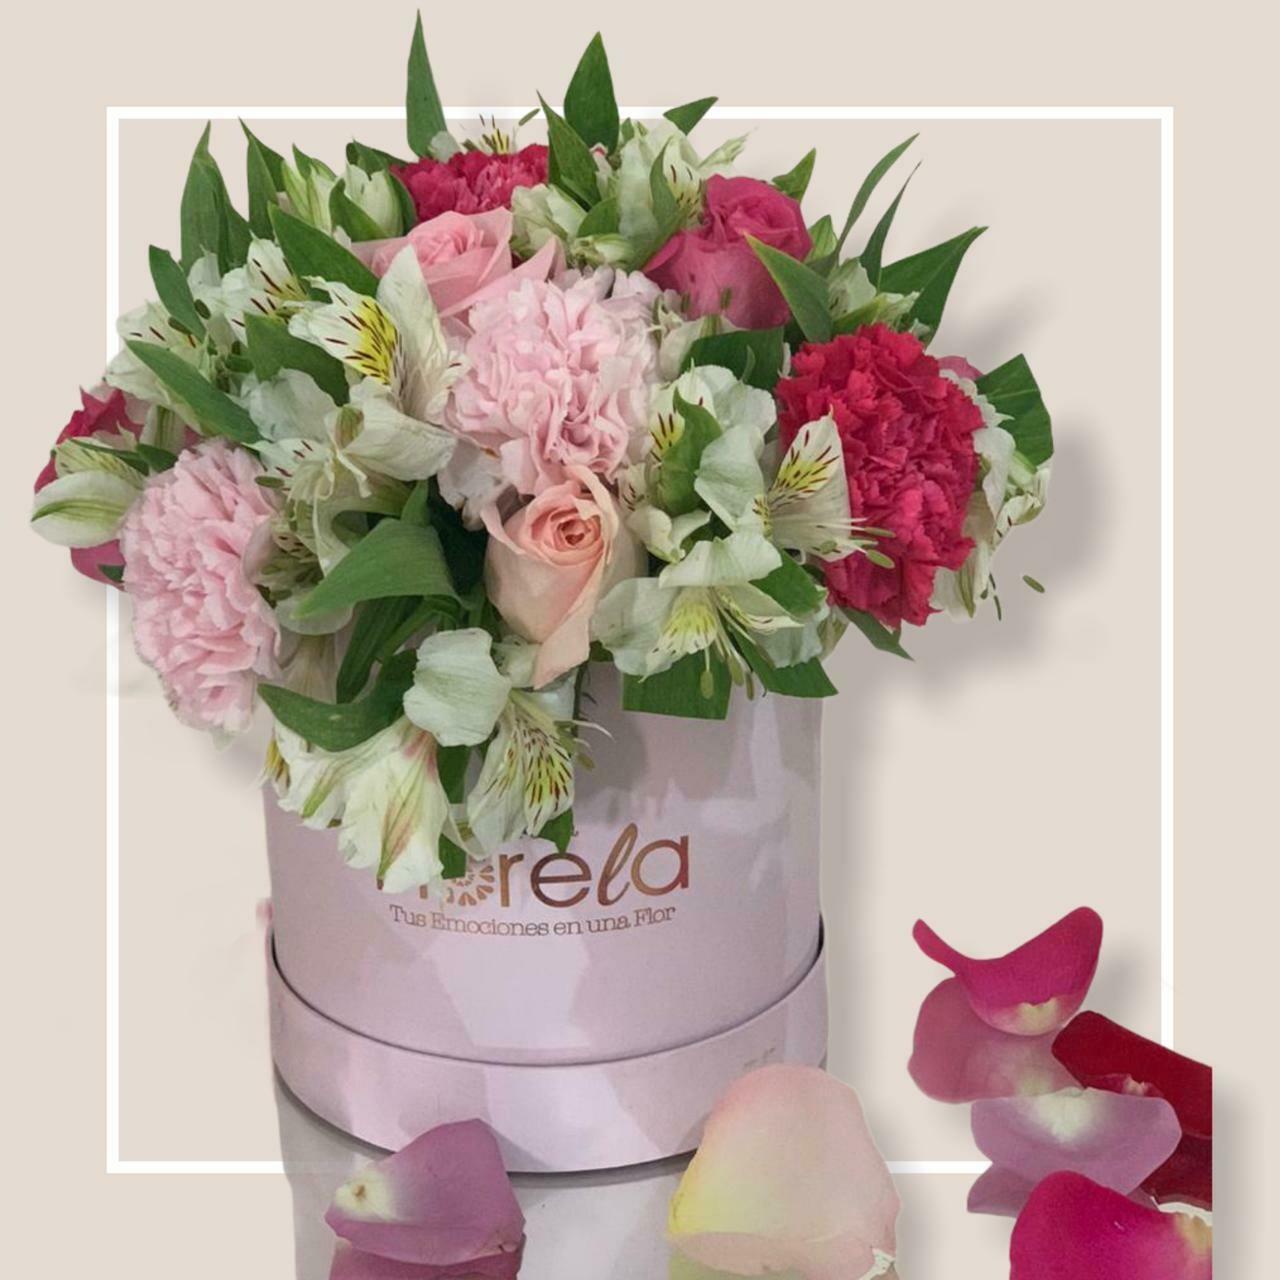 Arreglo de media docena de rosas con Claveles - Chloe